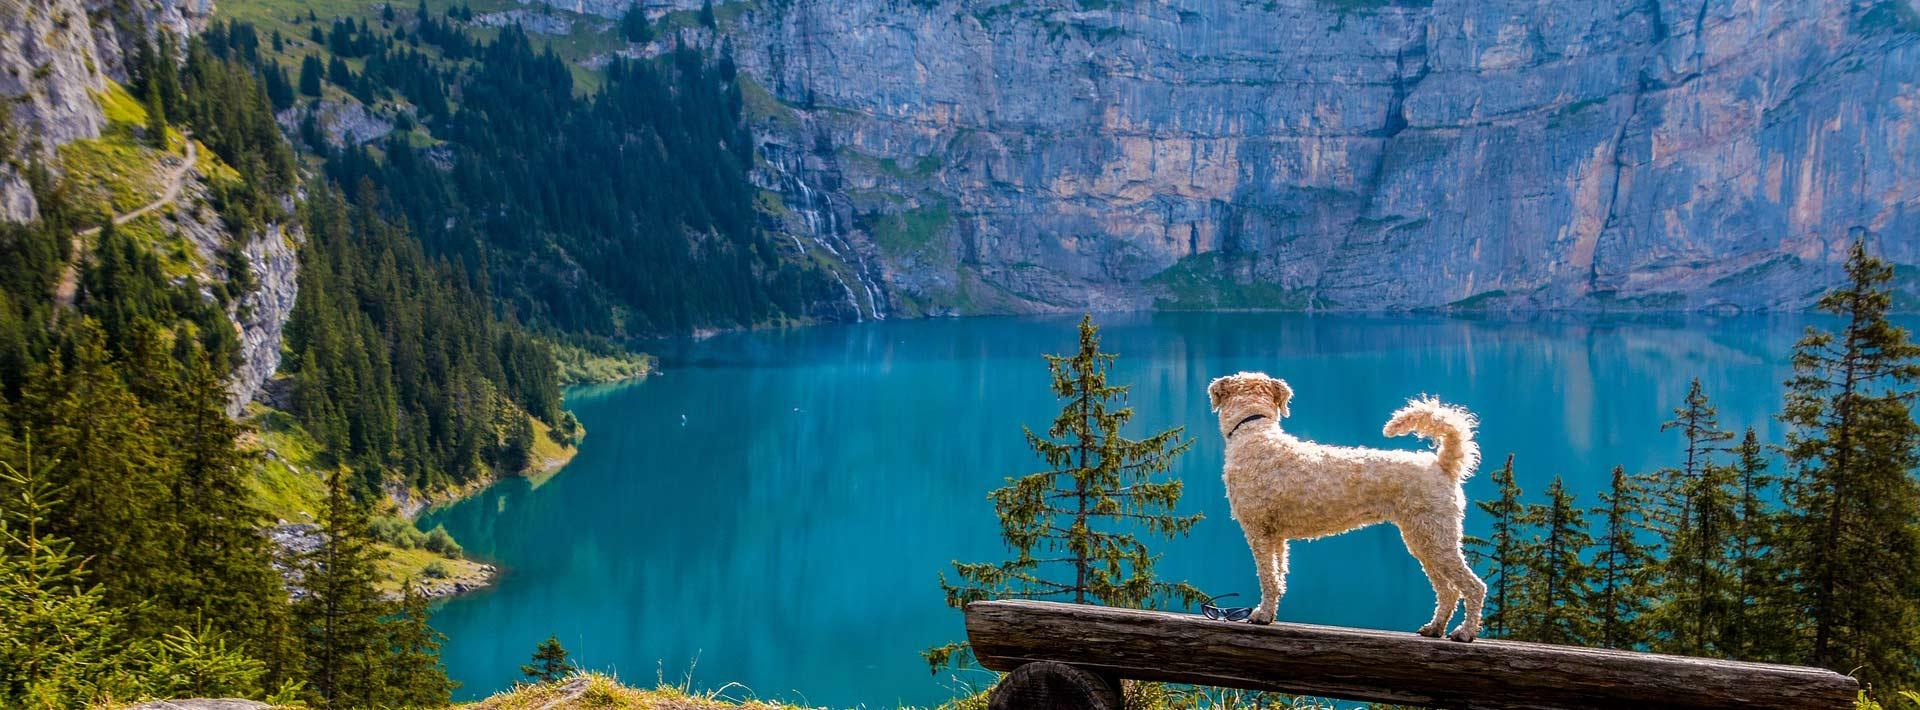 dog at mountain lake